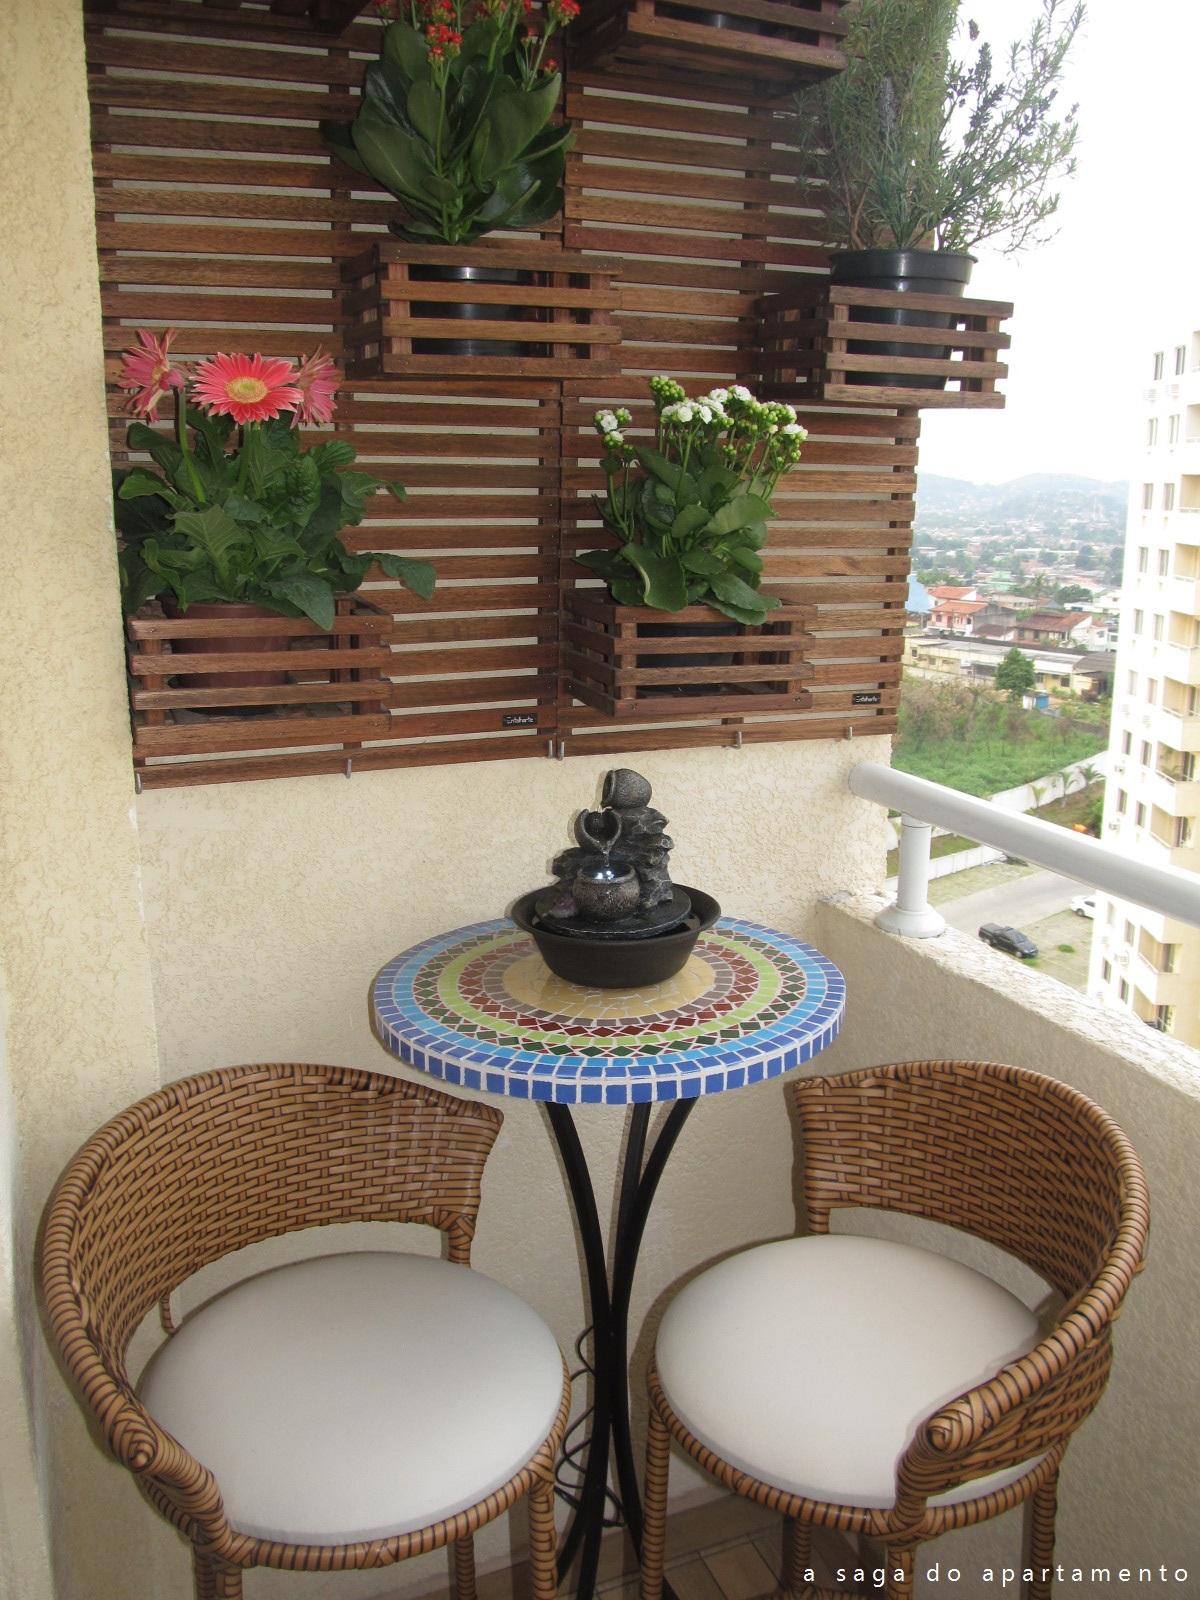 ideias baratas para jardim vertical:Decoração varanda e sacada pequena apartamento